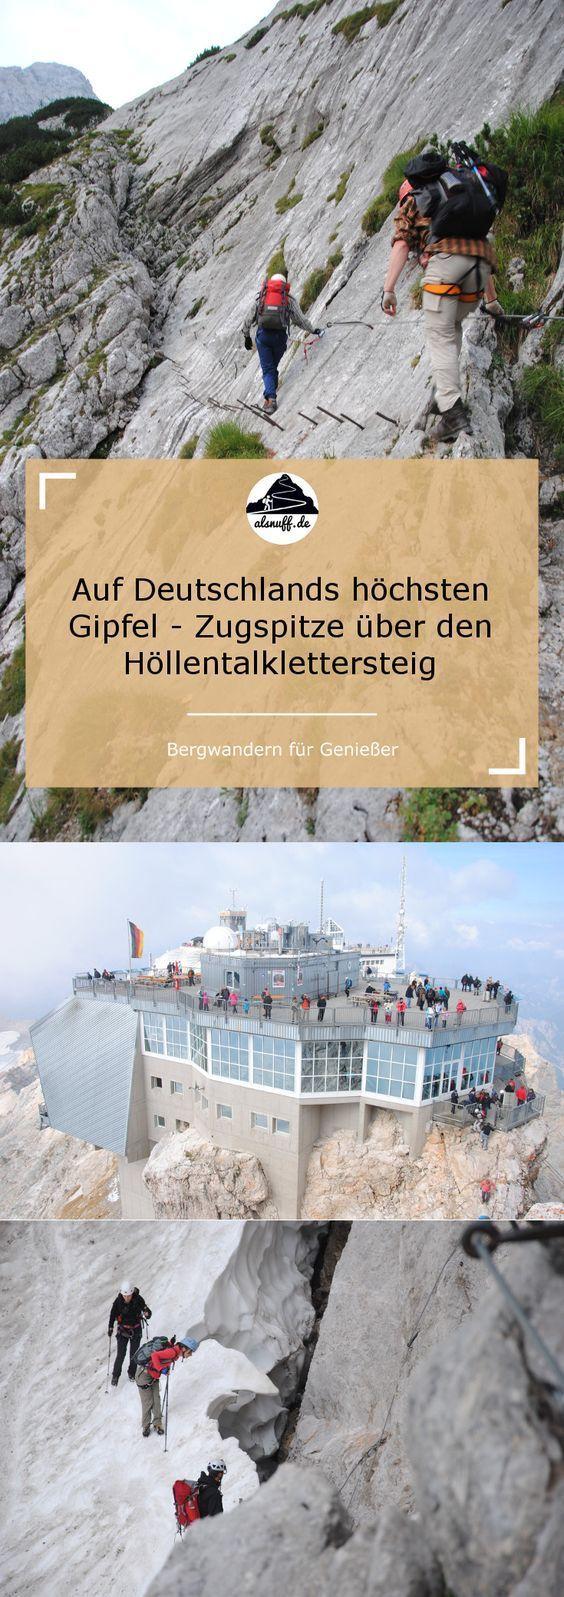 Auf den höchsten Berg Deutschlands – die Zugspitze – über den Höllentalklette… – lebedraussen! Weblog für Outdoor und Reise